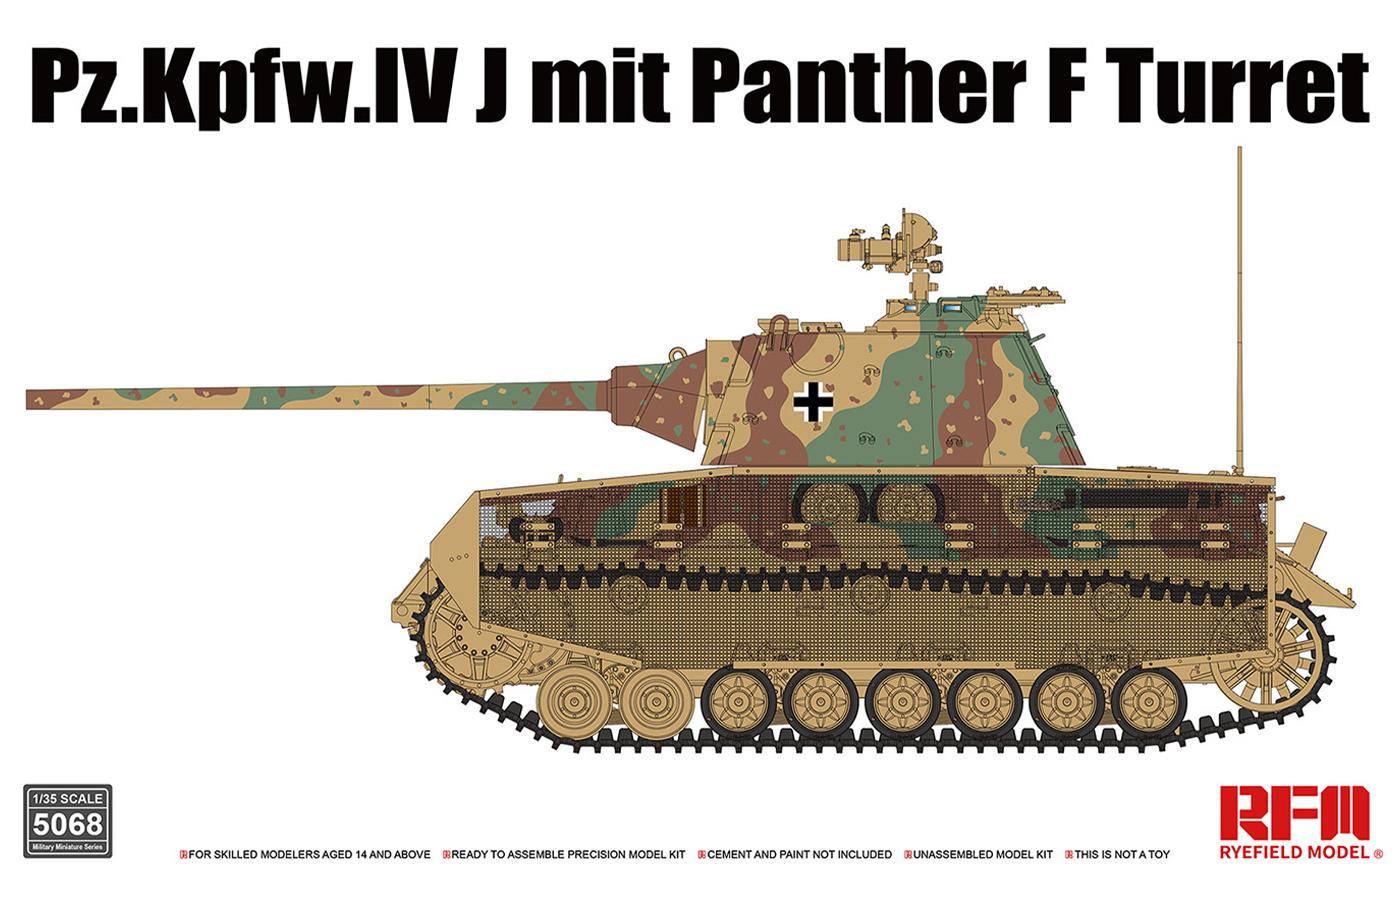 RM-5068  Pz.Kpfw.IV J mit Panther F Turret